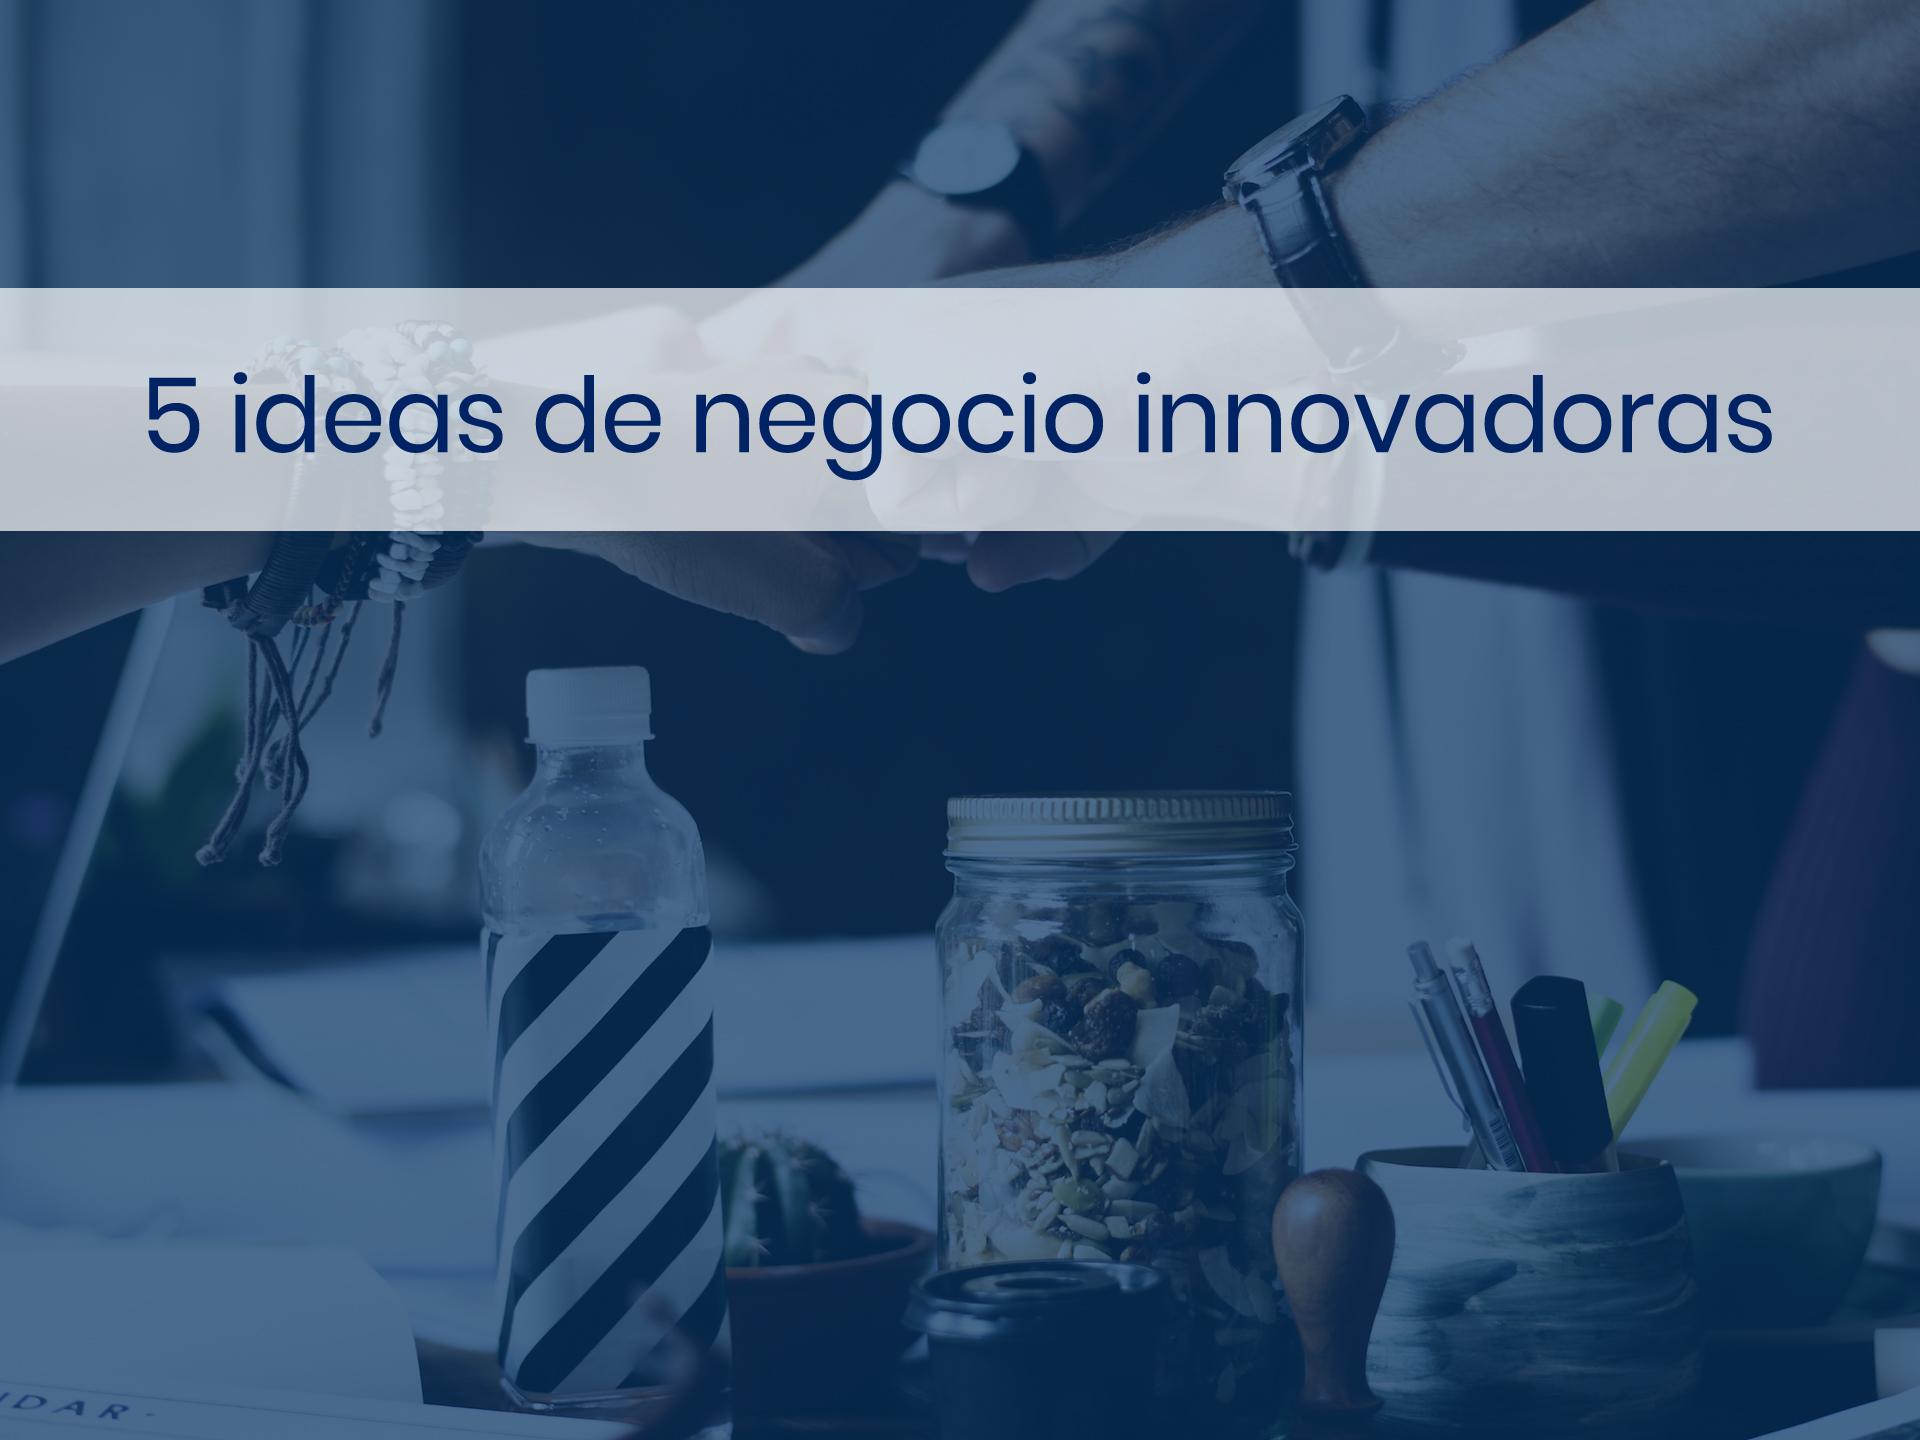 Ideas de negocio que son innovadoras